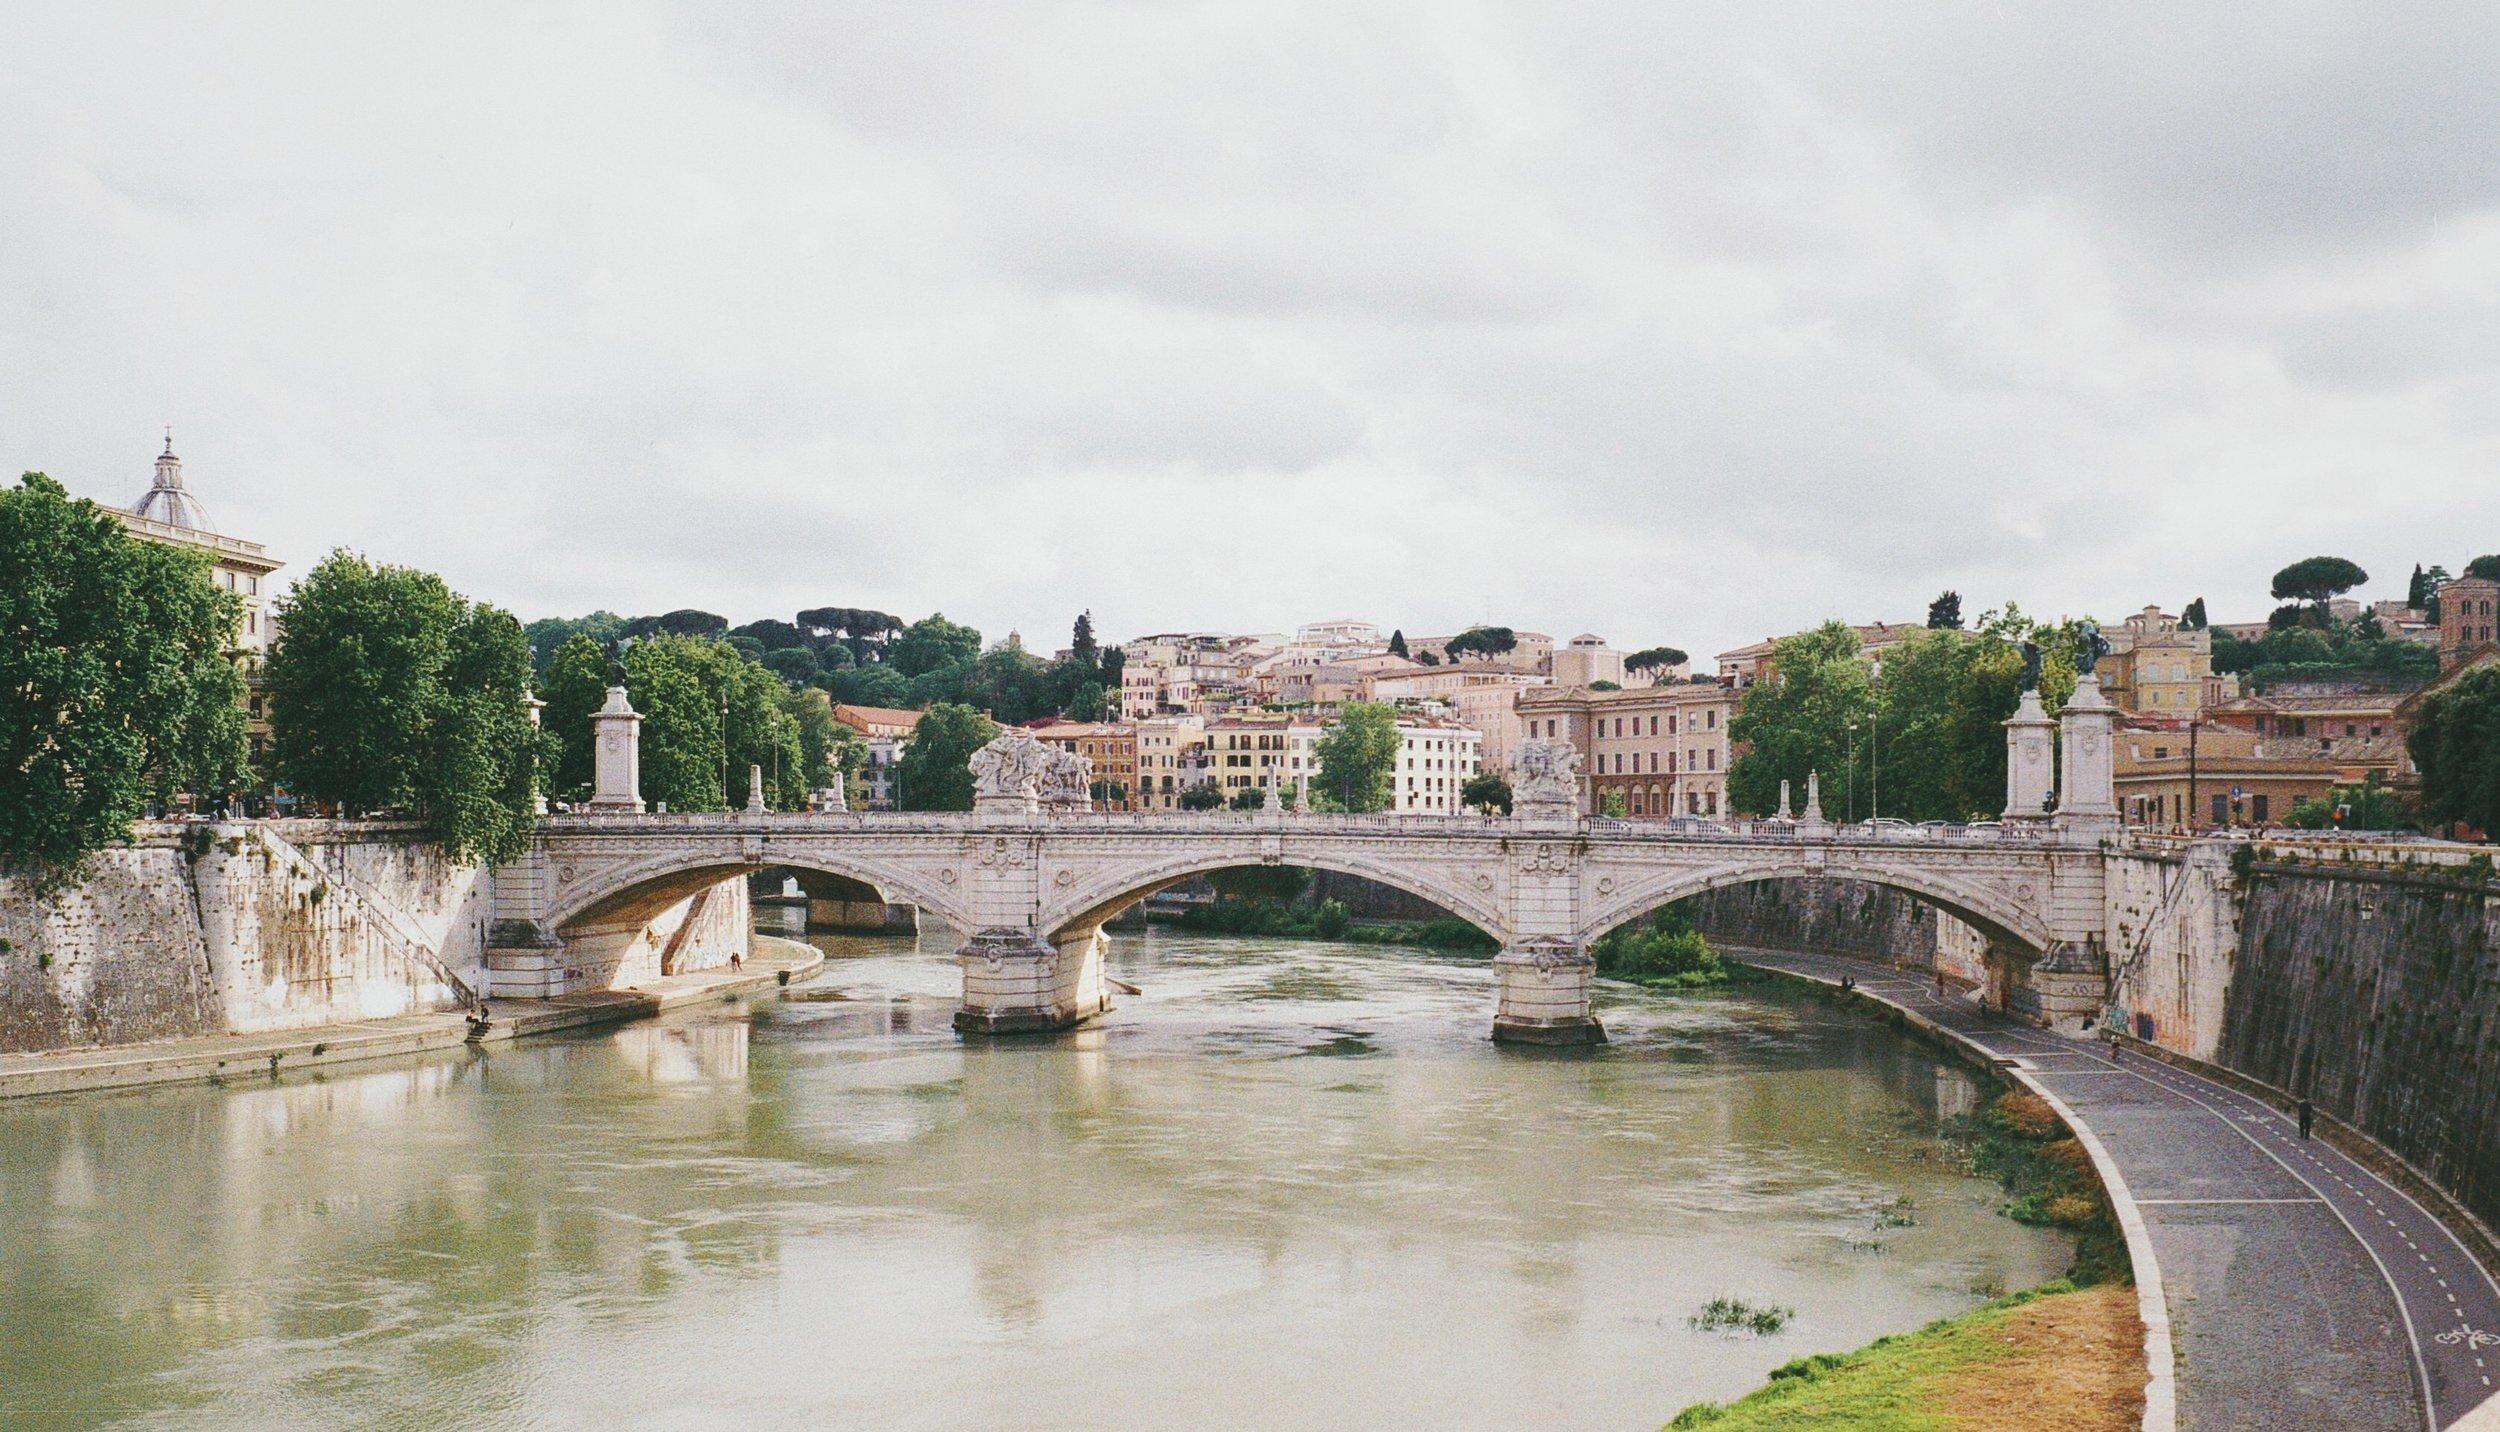 Rome, Italy (2016)